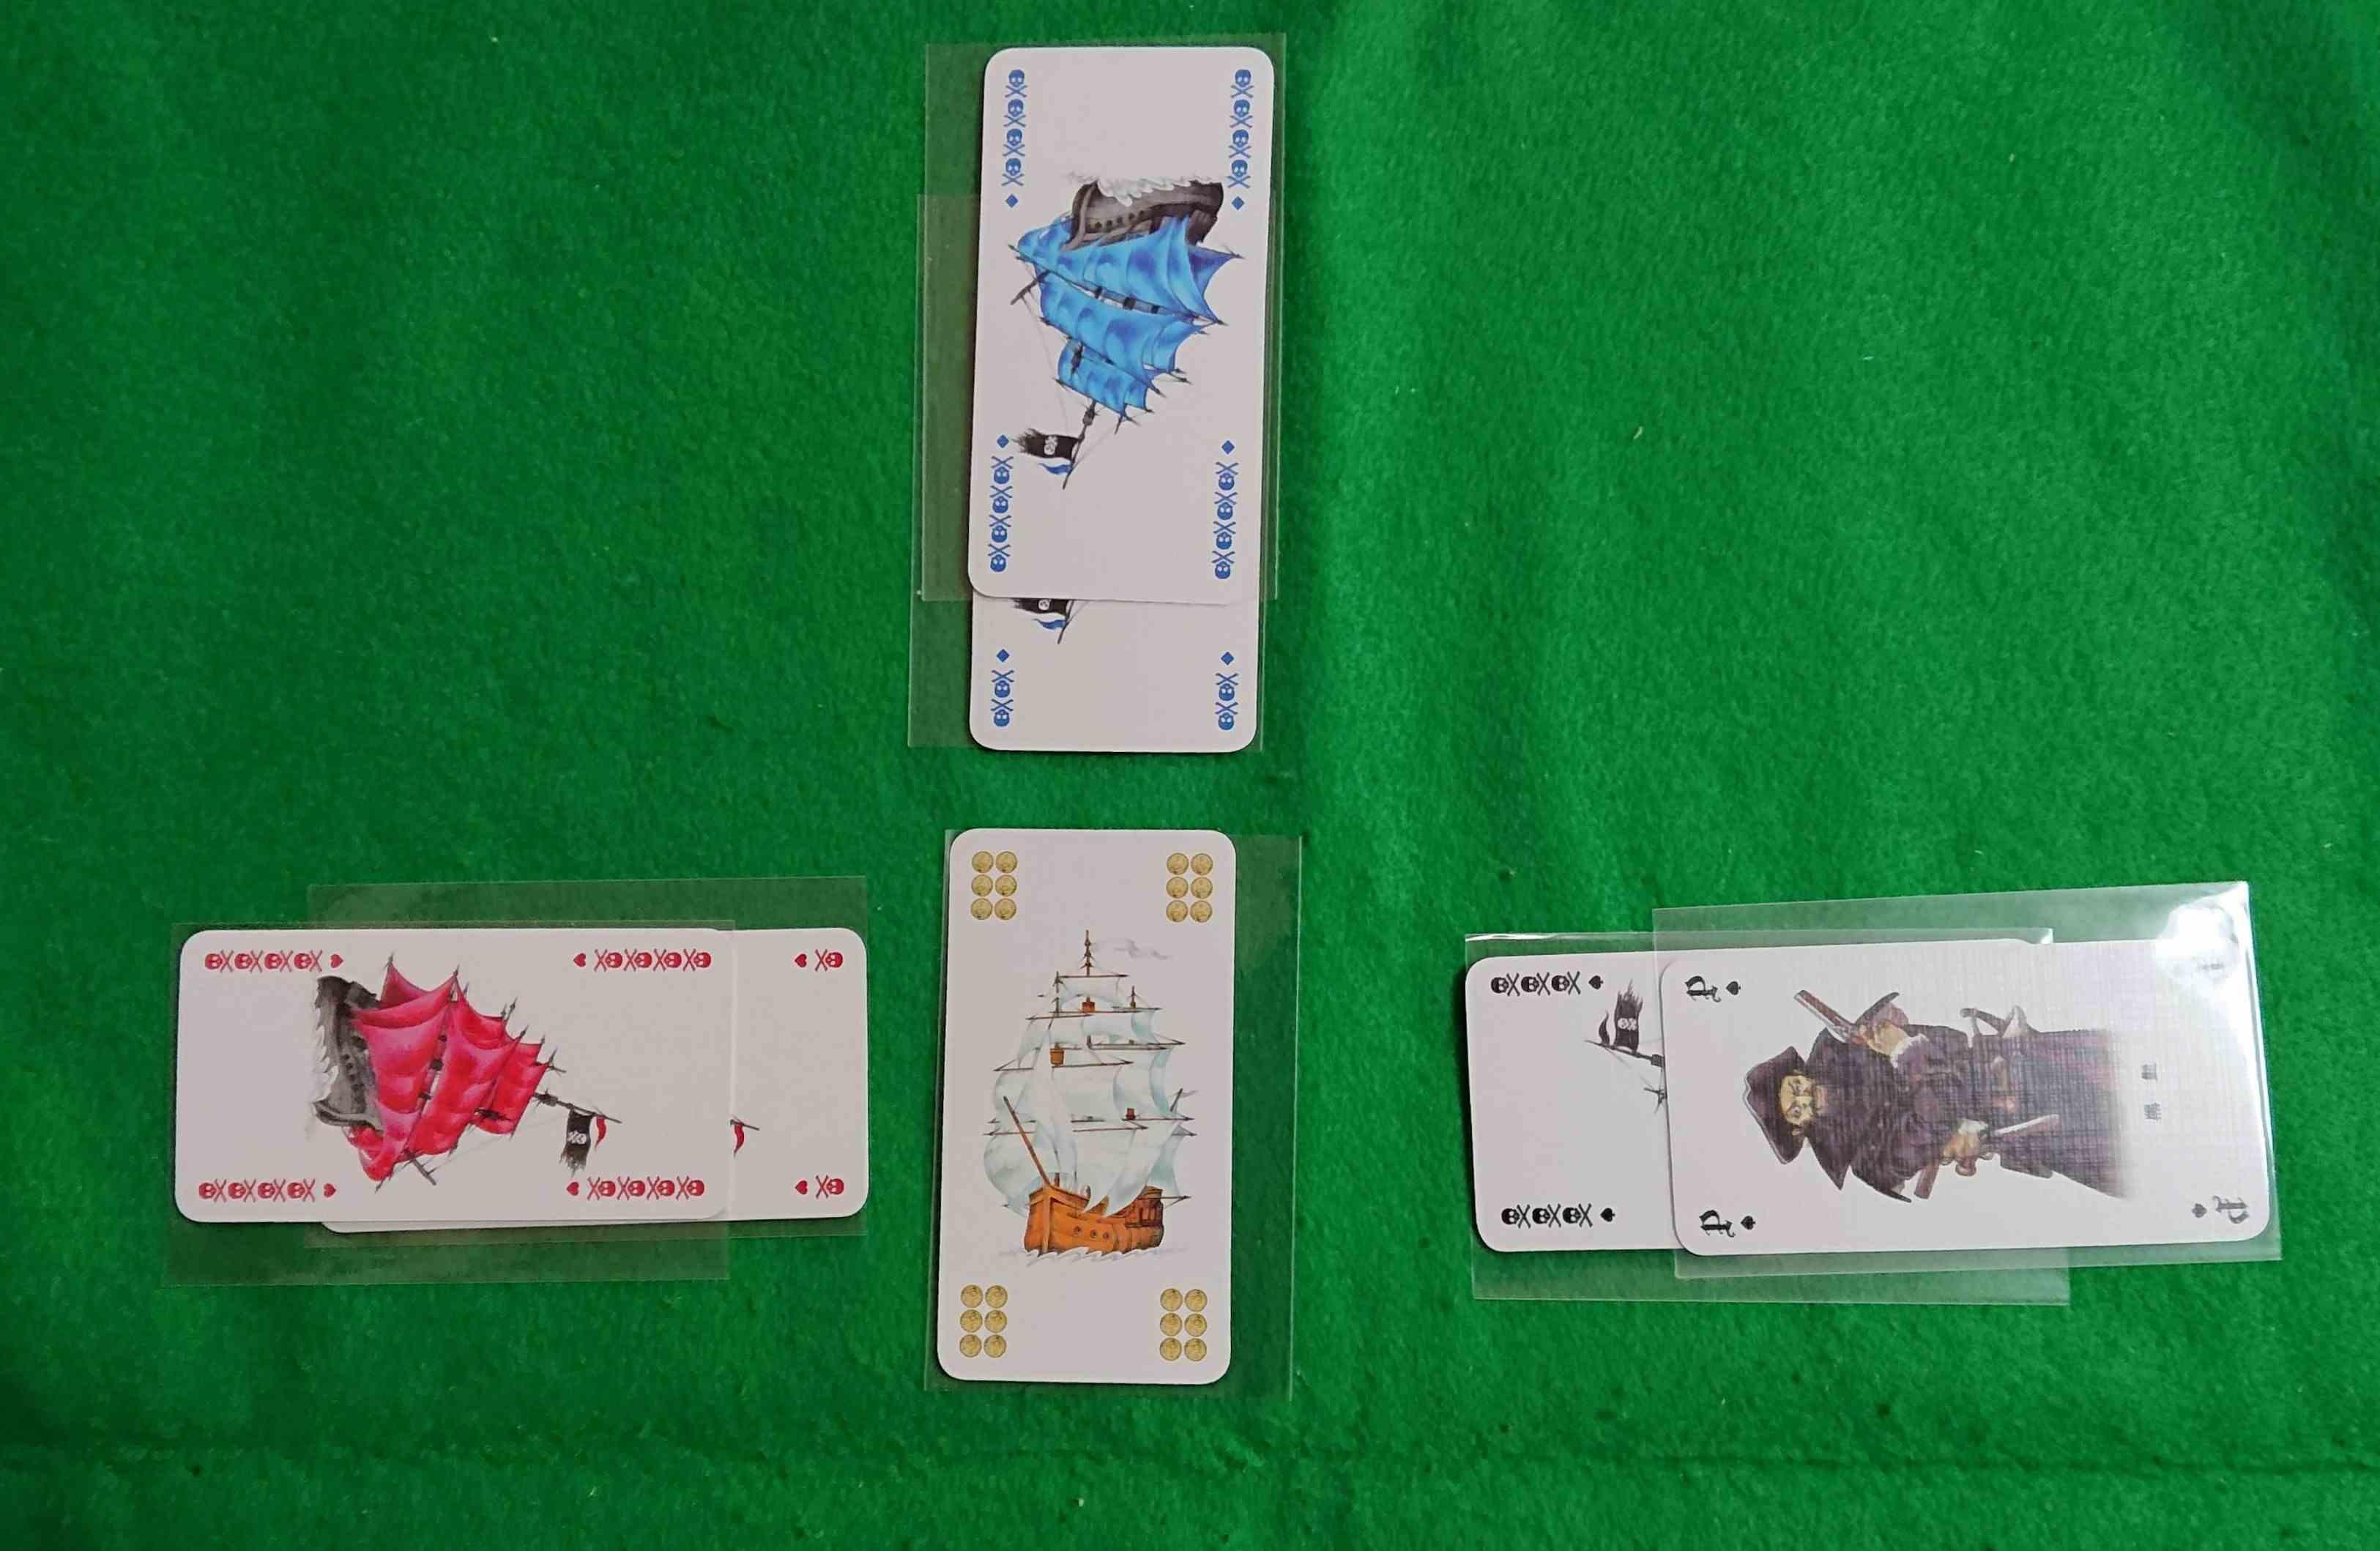 コルセア カードゲーム 商船を守る?!海賊として商船を襲う!? ボードゲーム